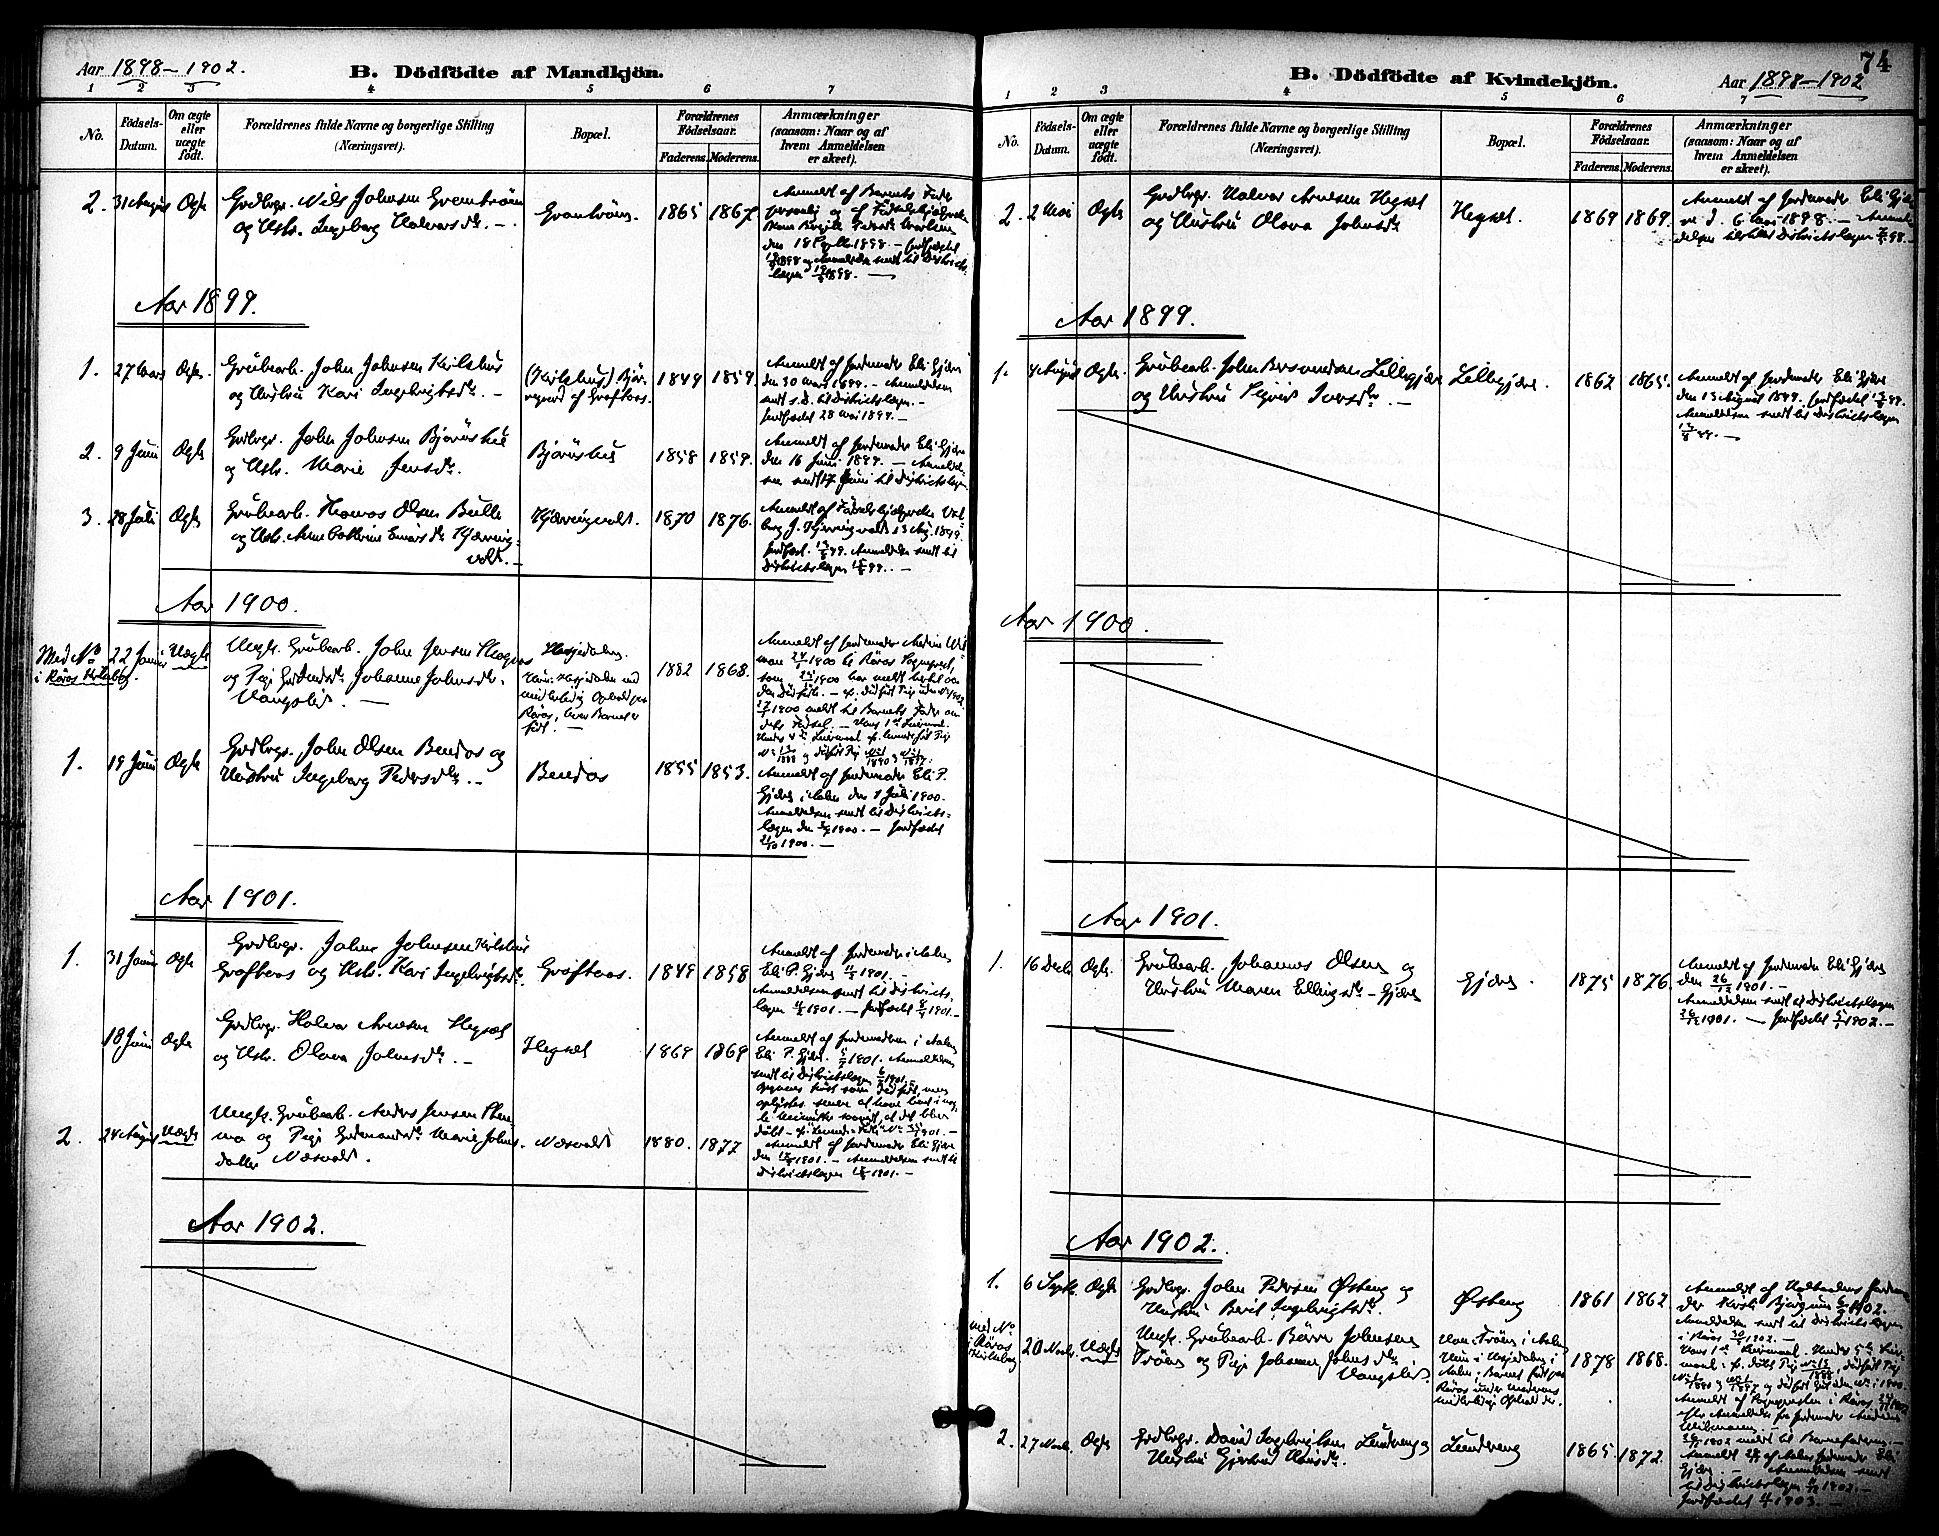 SAT, Ministerialprotokoller, klokkerbøker og fødselsregistre - Sør-Trøndelag, 686/L0984: Ministerialbok nr. 686A02, 1891-1906, s. 74